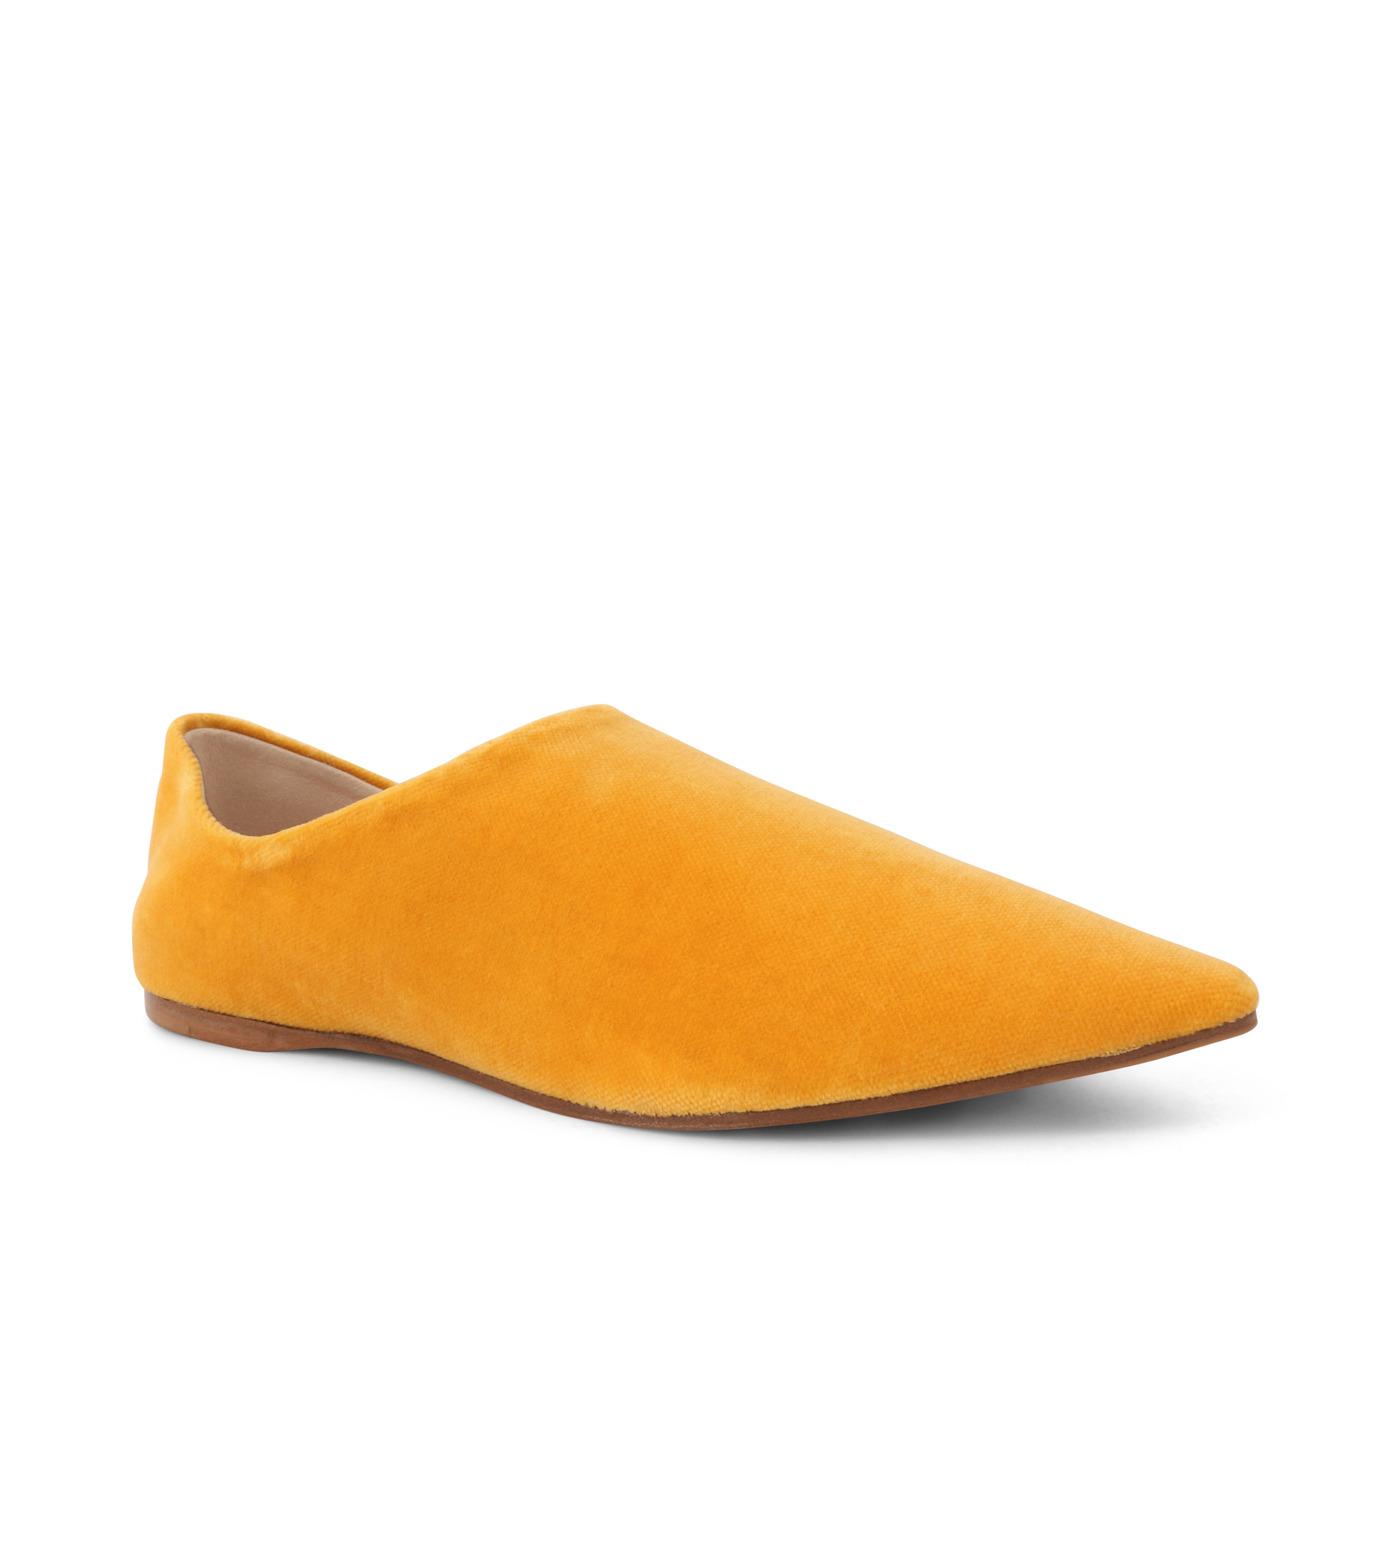 ACNE STUDIOS(アクネ ストゥディオズ)のSlipper Velvet-YELLOW(フラットシューズ/Flat shoes)-1EFC66-32 拡大詳細画像2